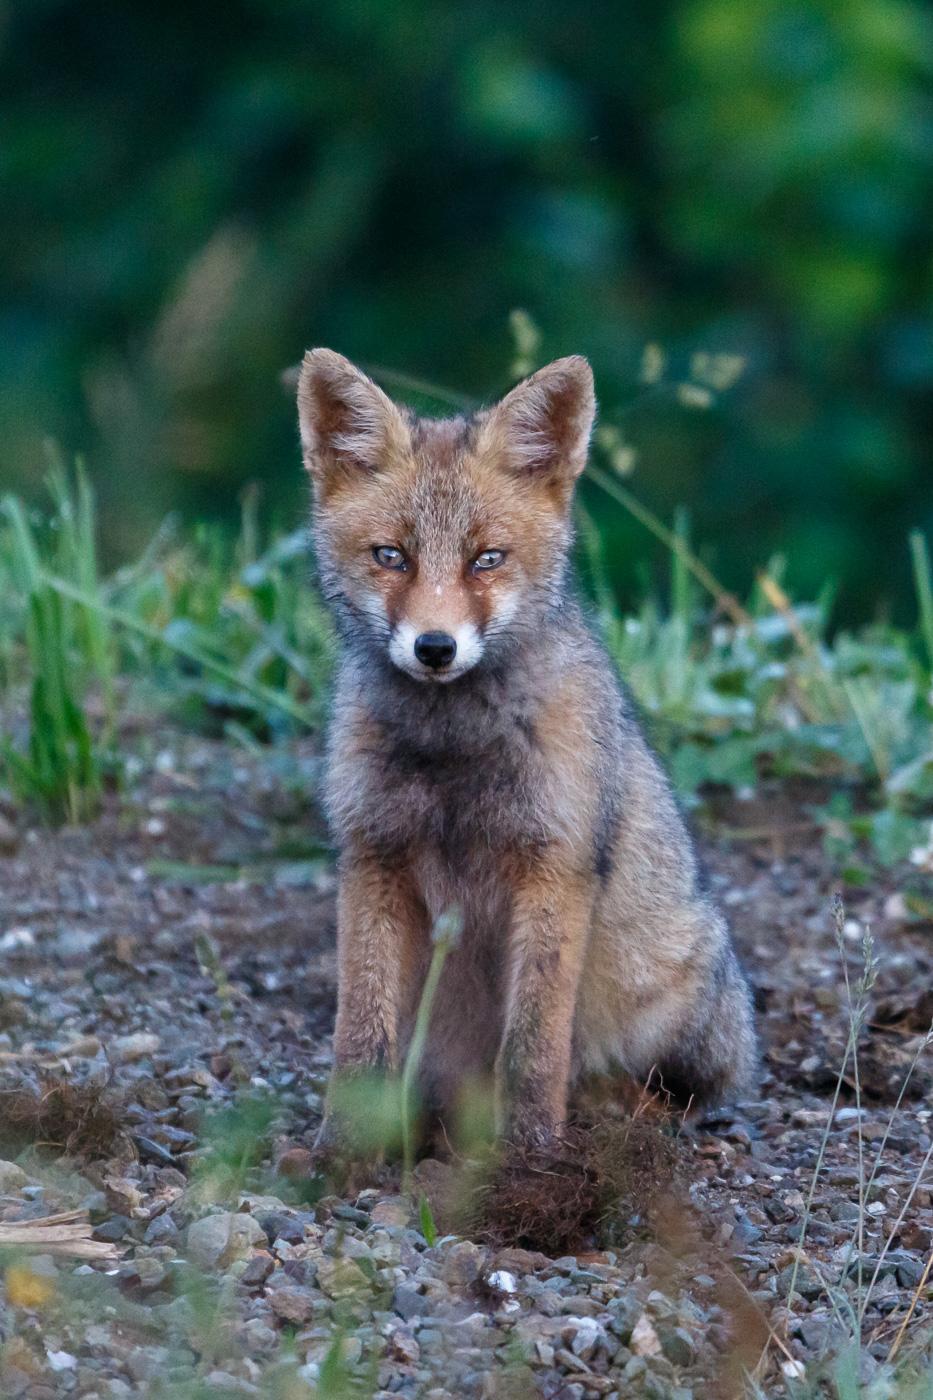 La guineueta, no el barri - Fauna salvatge - Raül Carmona - Fotografia, Fotografia d'estudi, esdeveniments i Natura